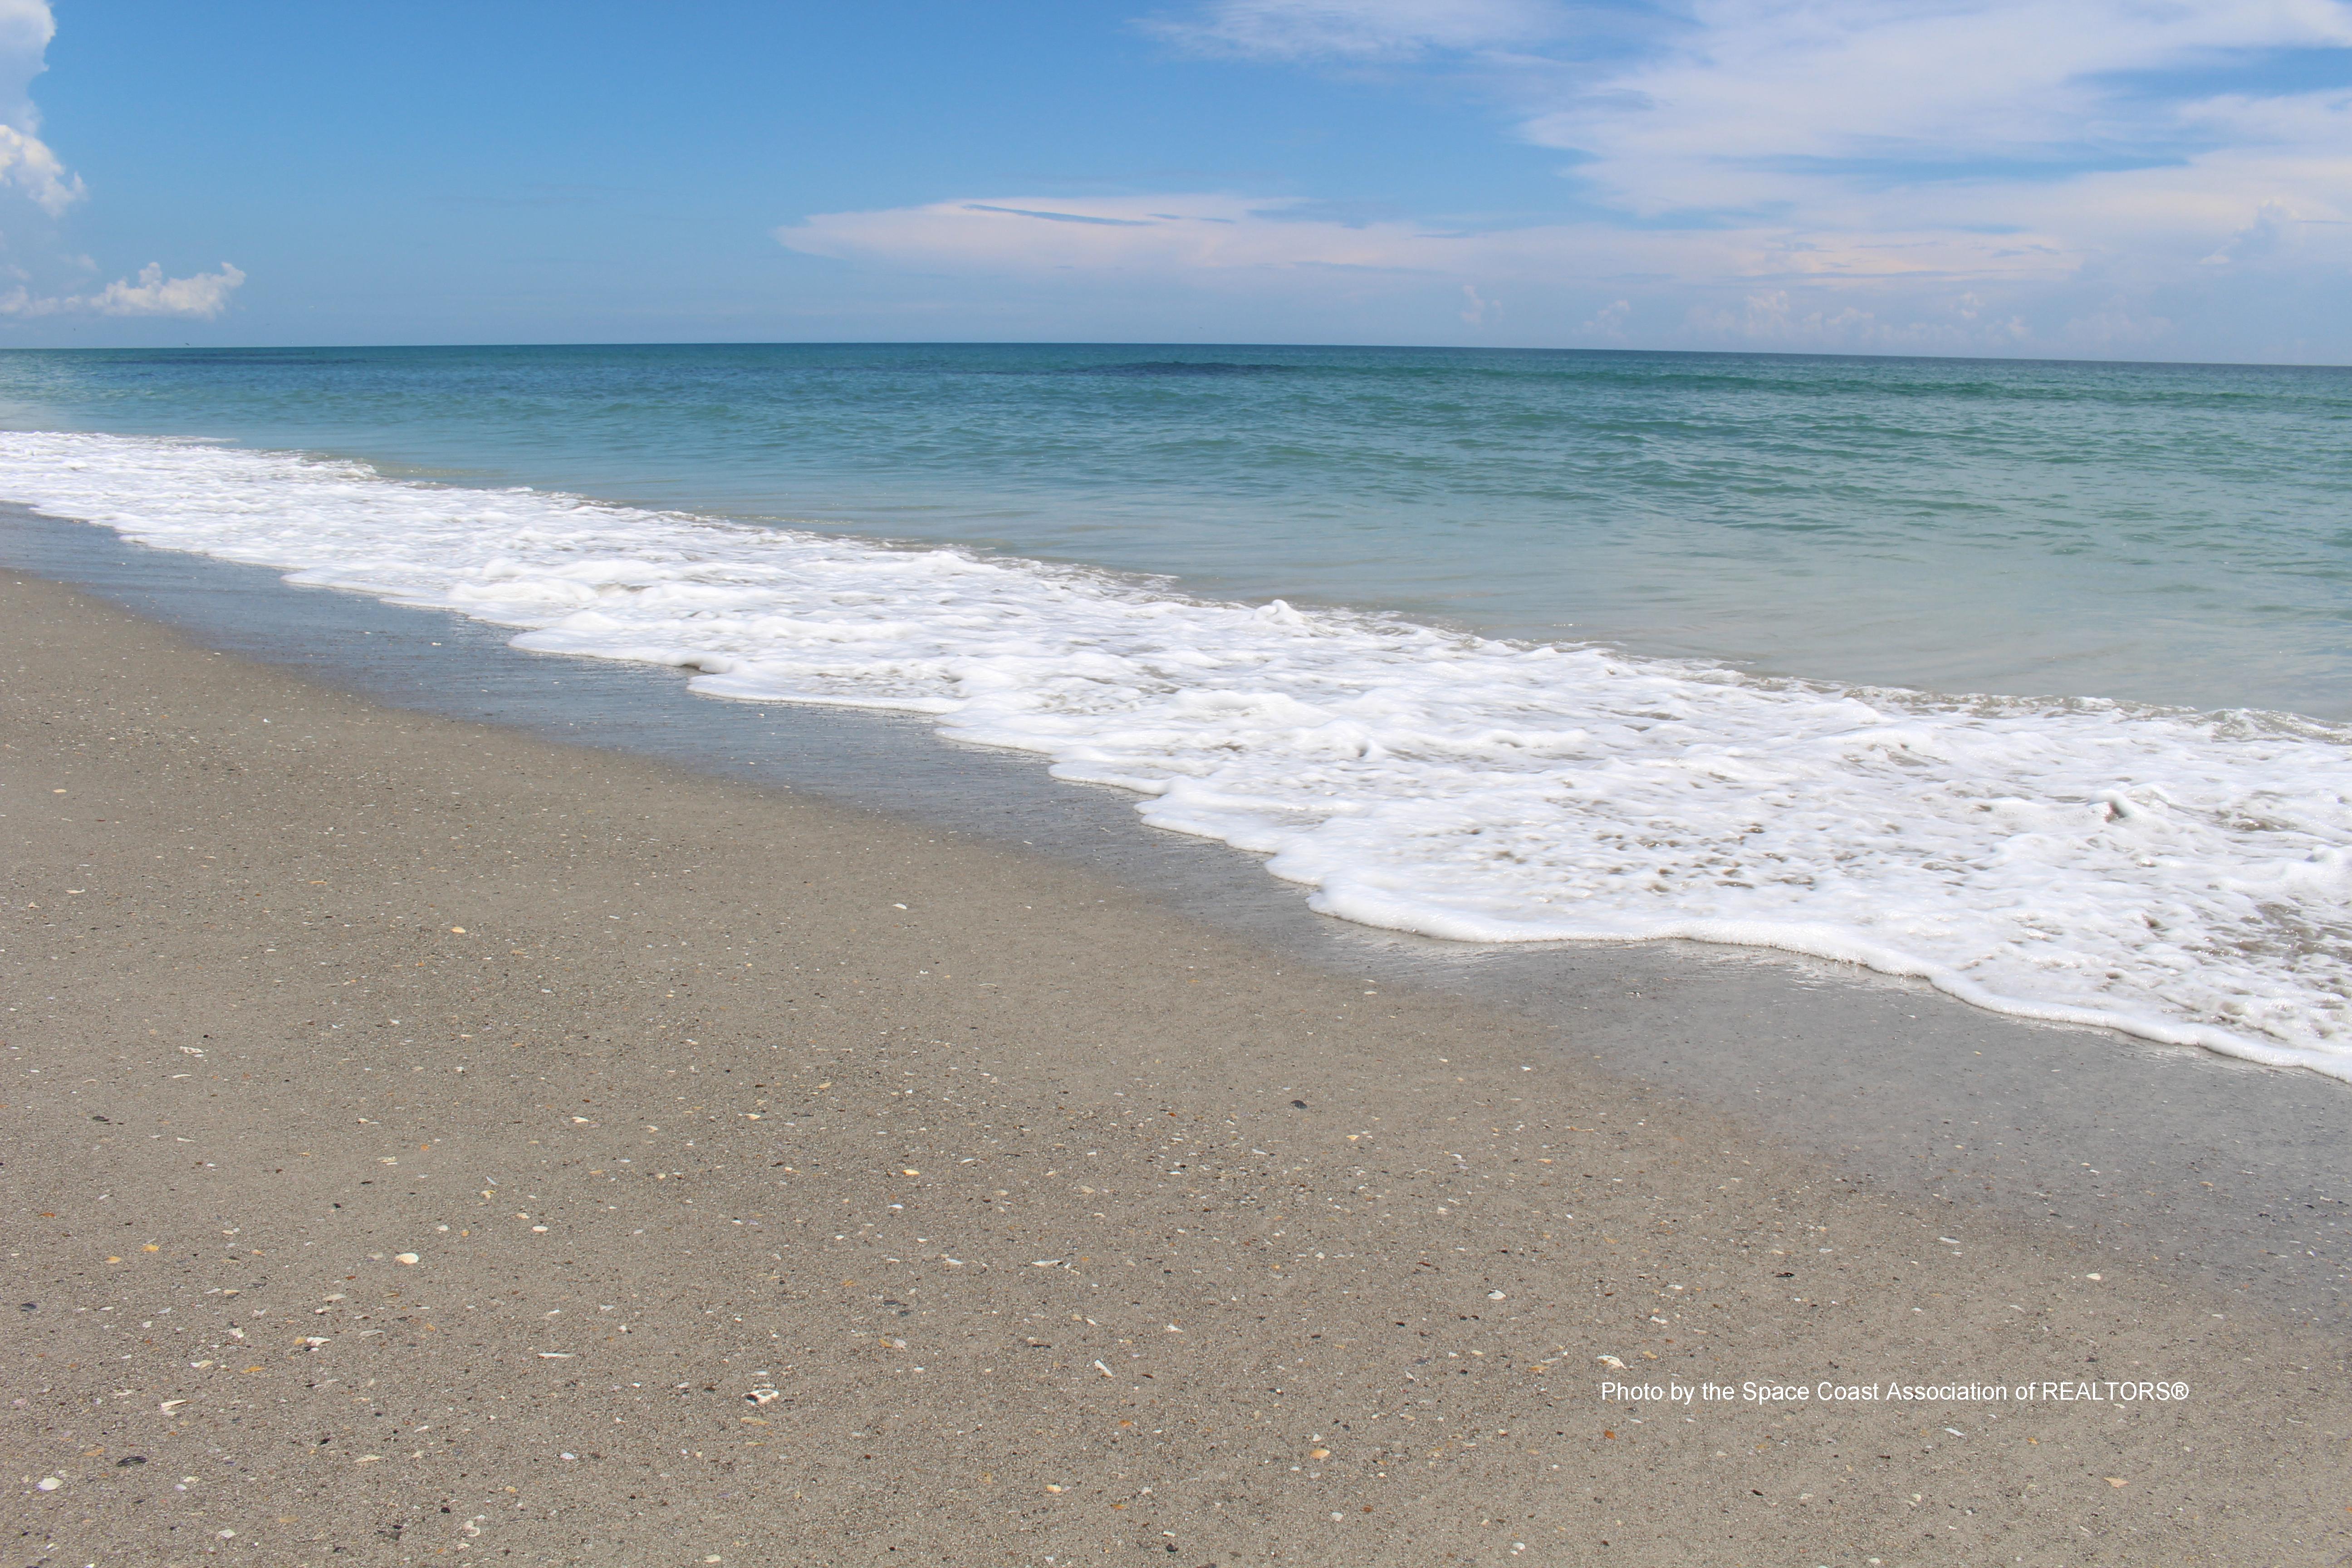 Waves washing up on Indialantic beach, Florida